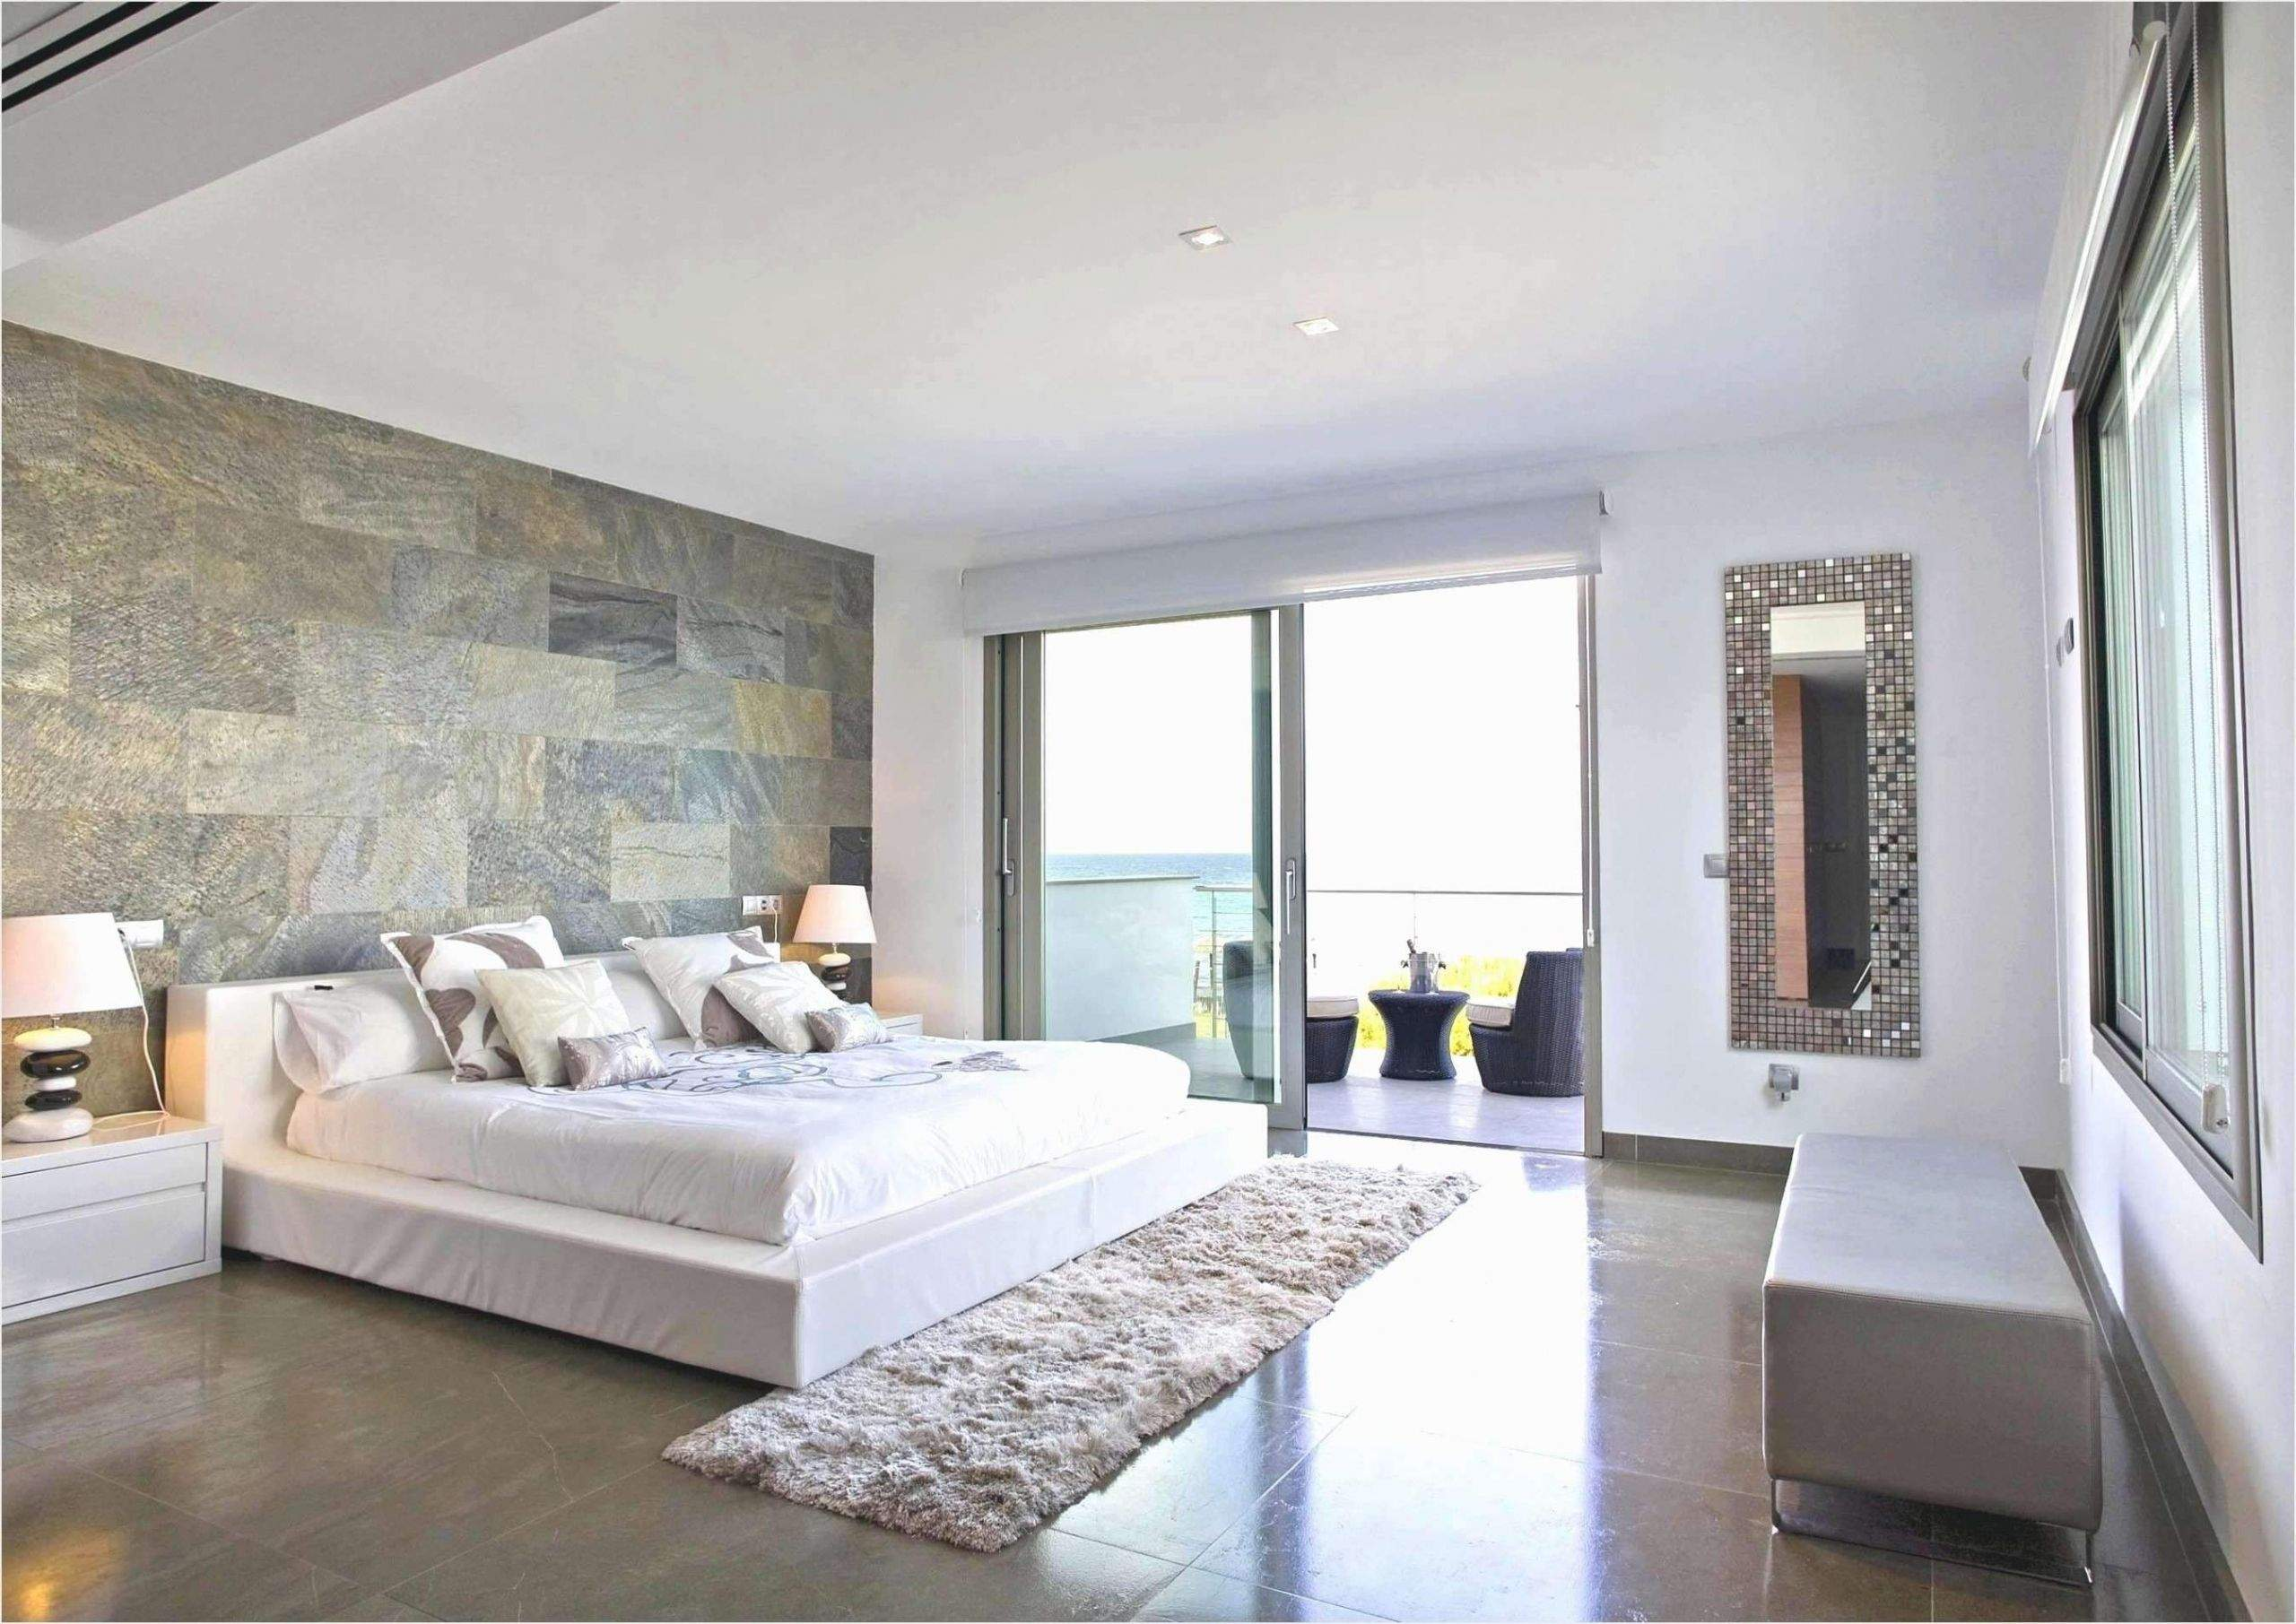 wohnzimmer pinterest inspirierend wohnzimmer of wohnzimmer pinterest scaled